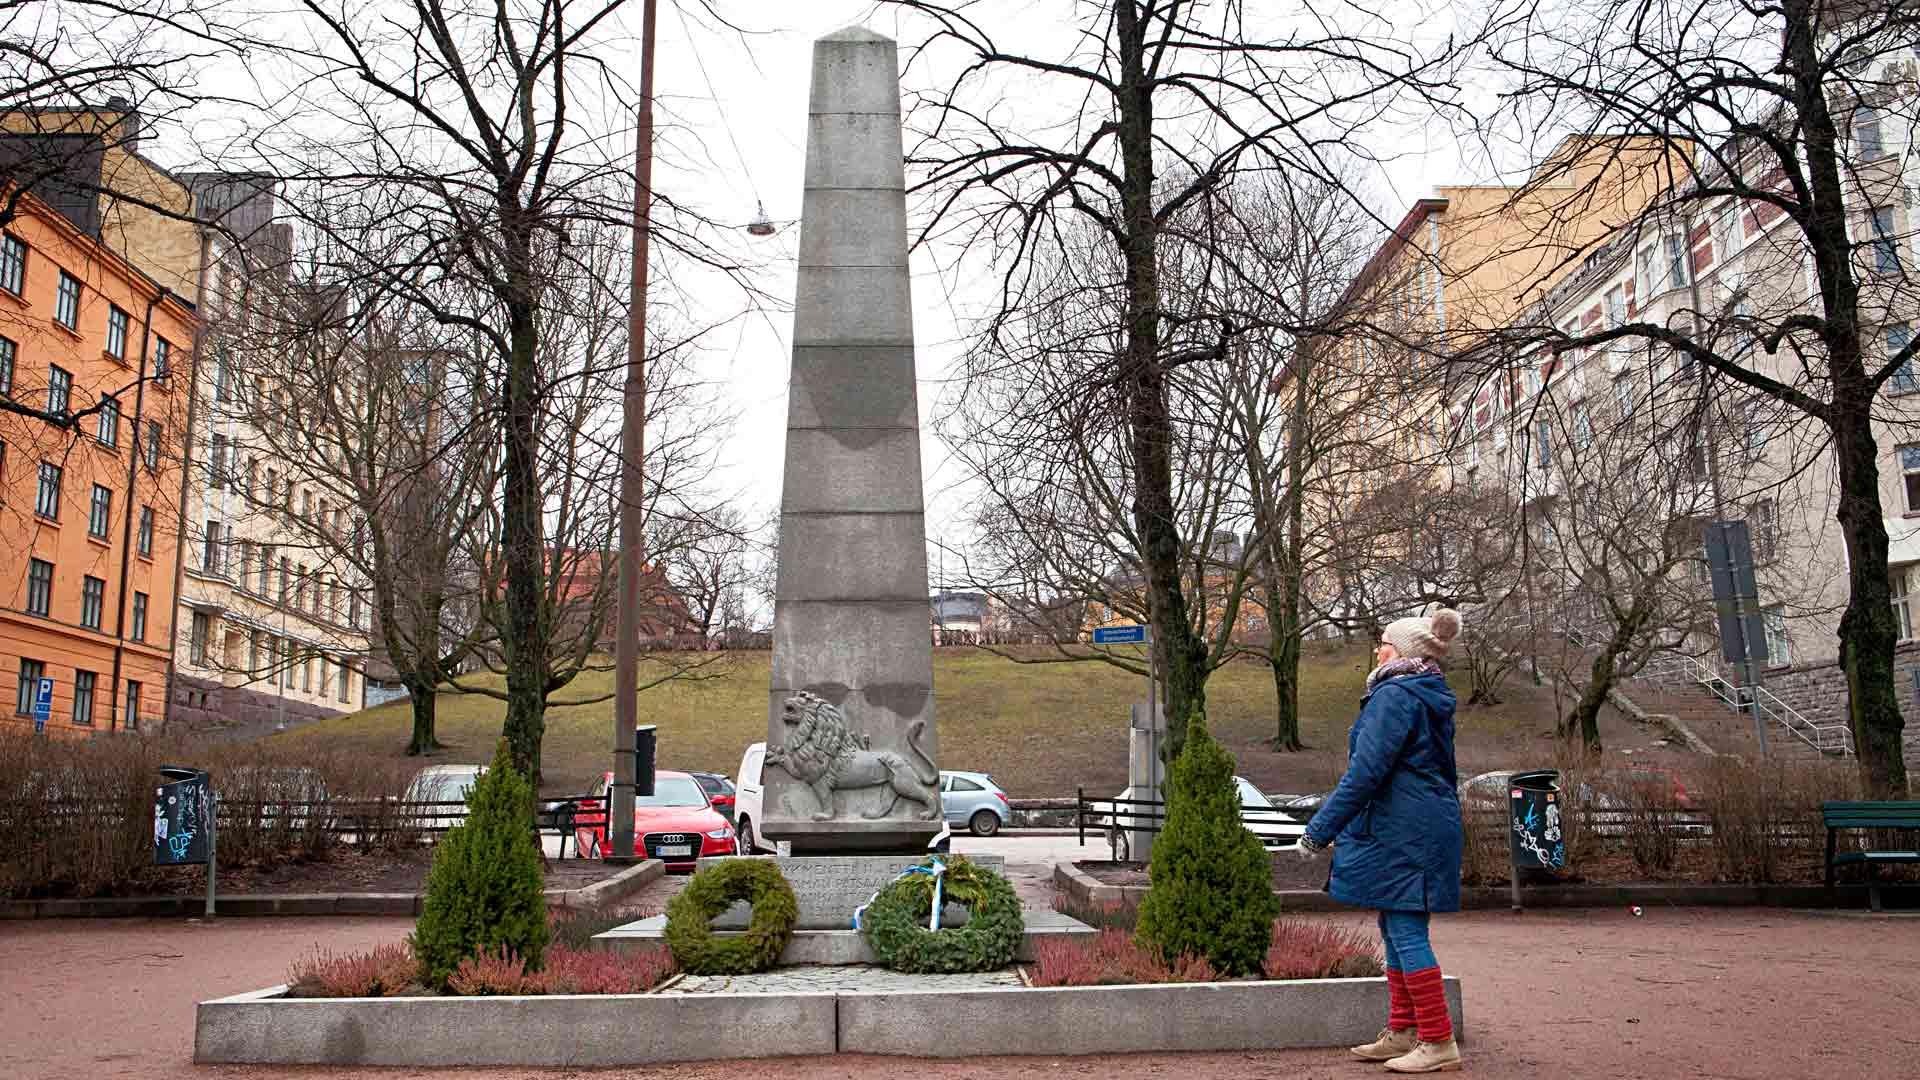 Ässä-rykmentin veteraanit pystyttivät kaatuneiden toveriensa kunniaksi muistomerkin Kallioon. Paljastustilaisuus oli vuosi liikekannallepanon jälkeen 13.10. 1940. Marsalkka Mannerheim osallistui juhlaan.